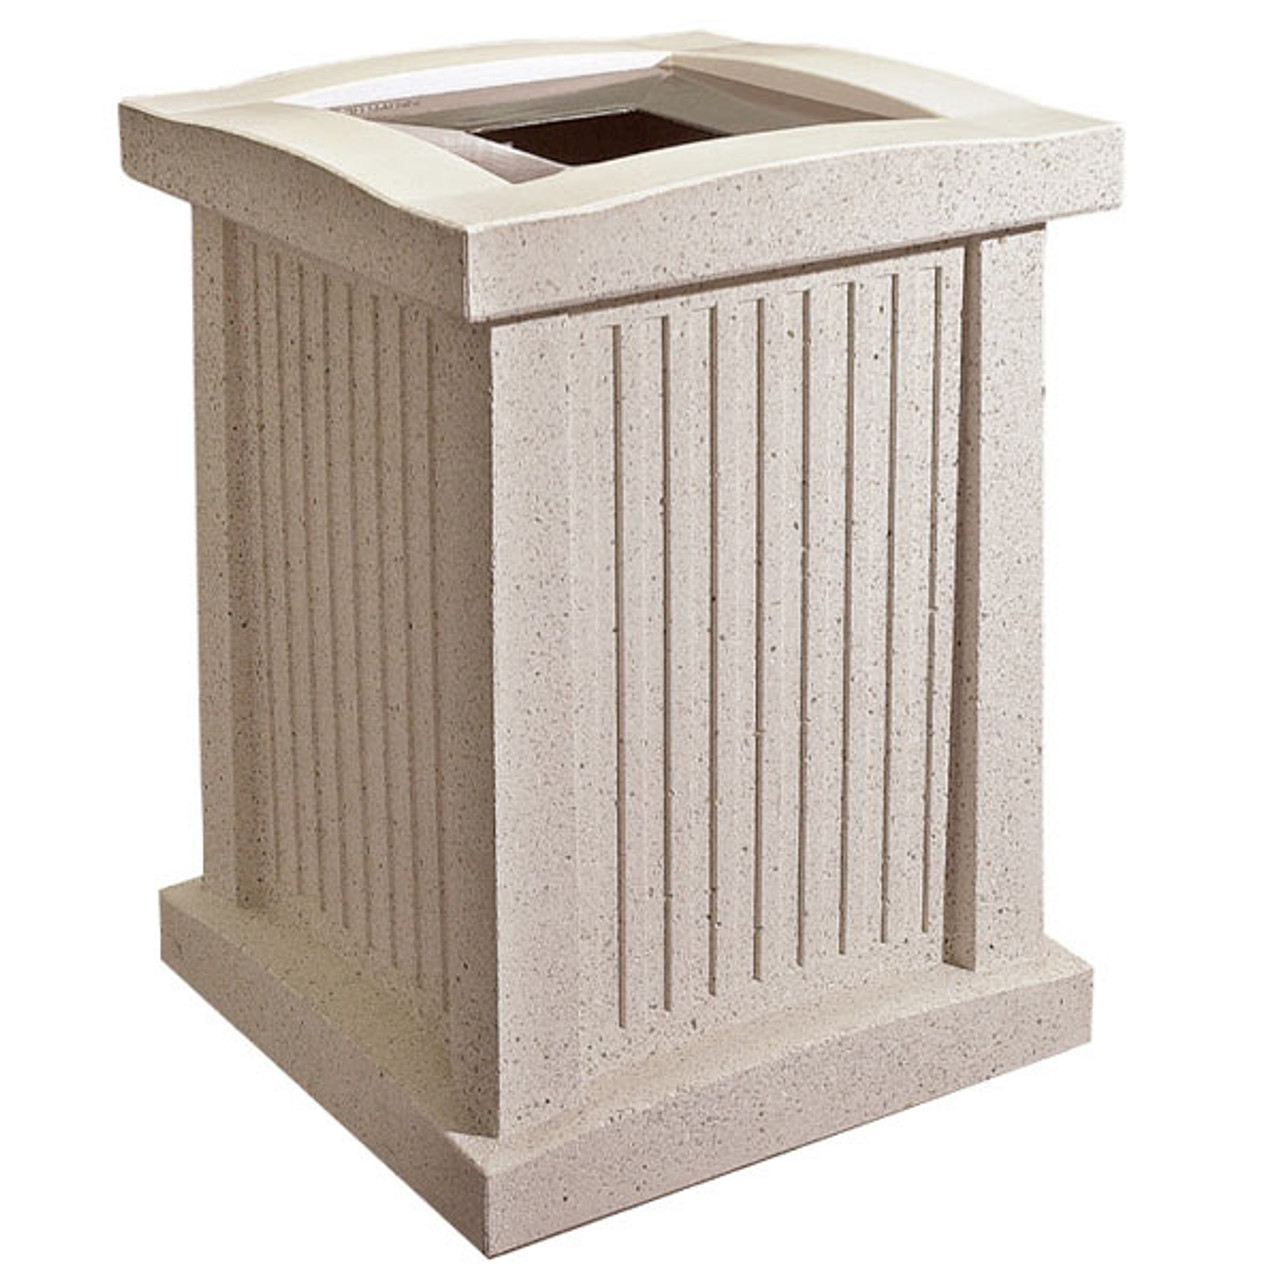 24 Gallon Square Concrete Outdoor Trash Receptacle SL102